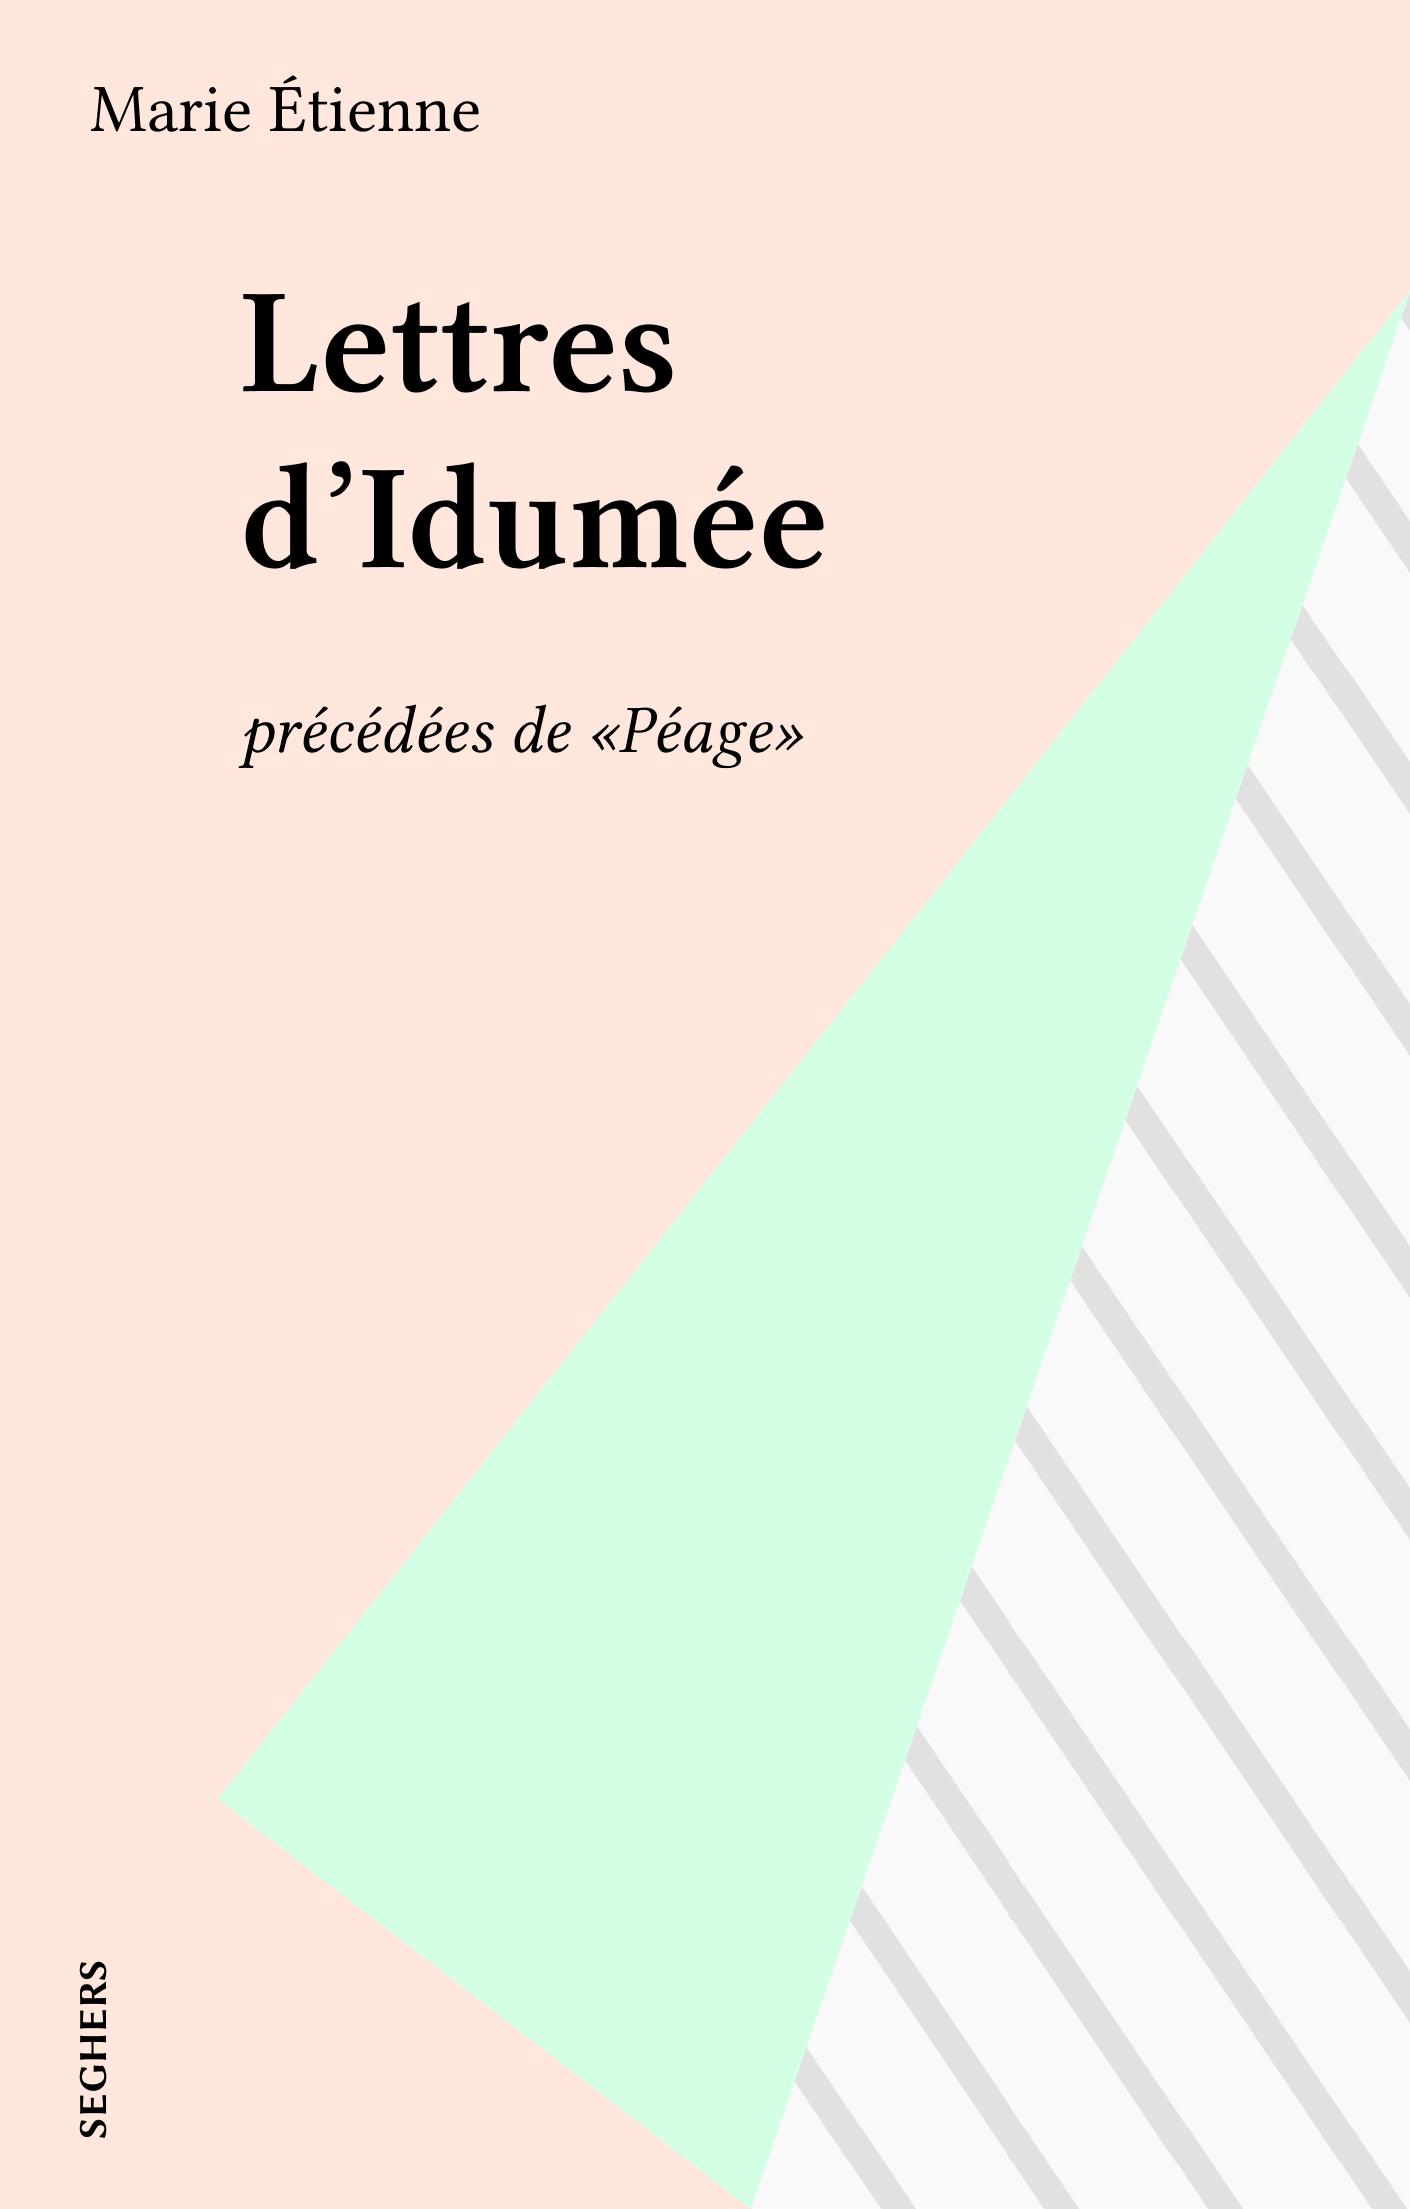 Lettres d'Idumée